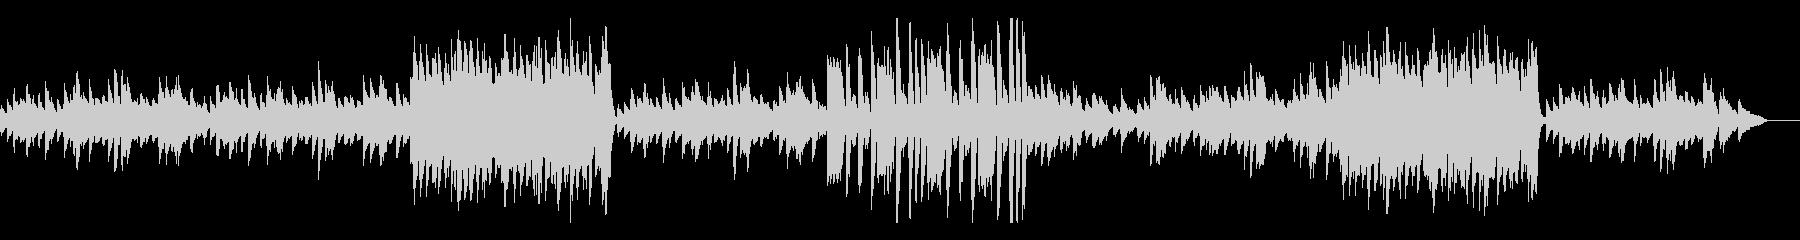 シューマン 無邪気で悪戯なピアノ曲高音質の未再生の波形